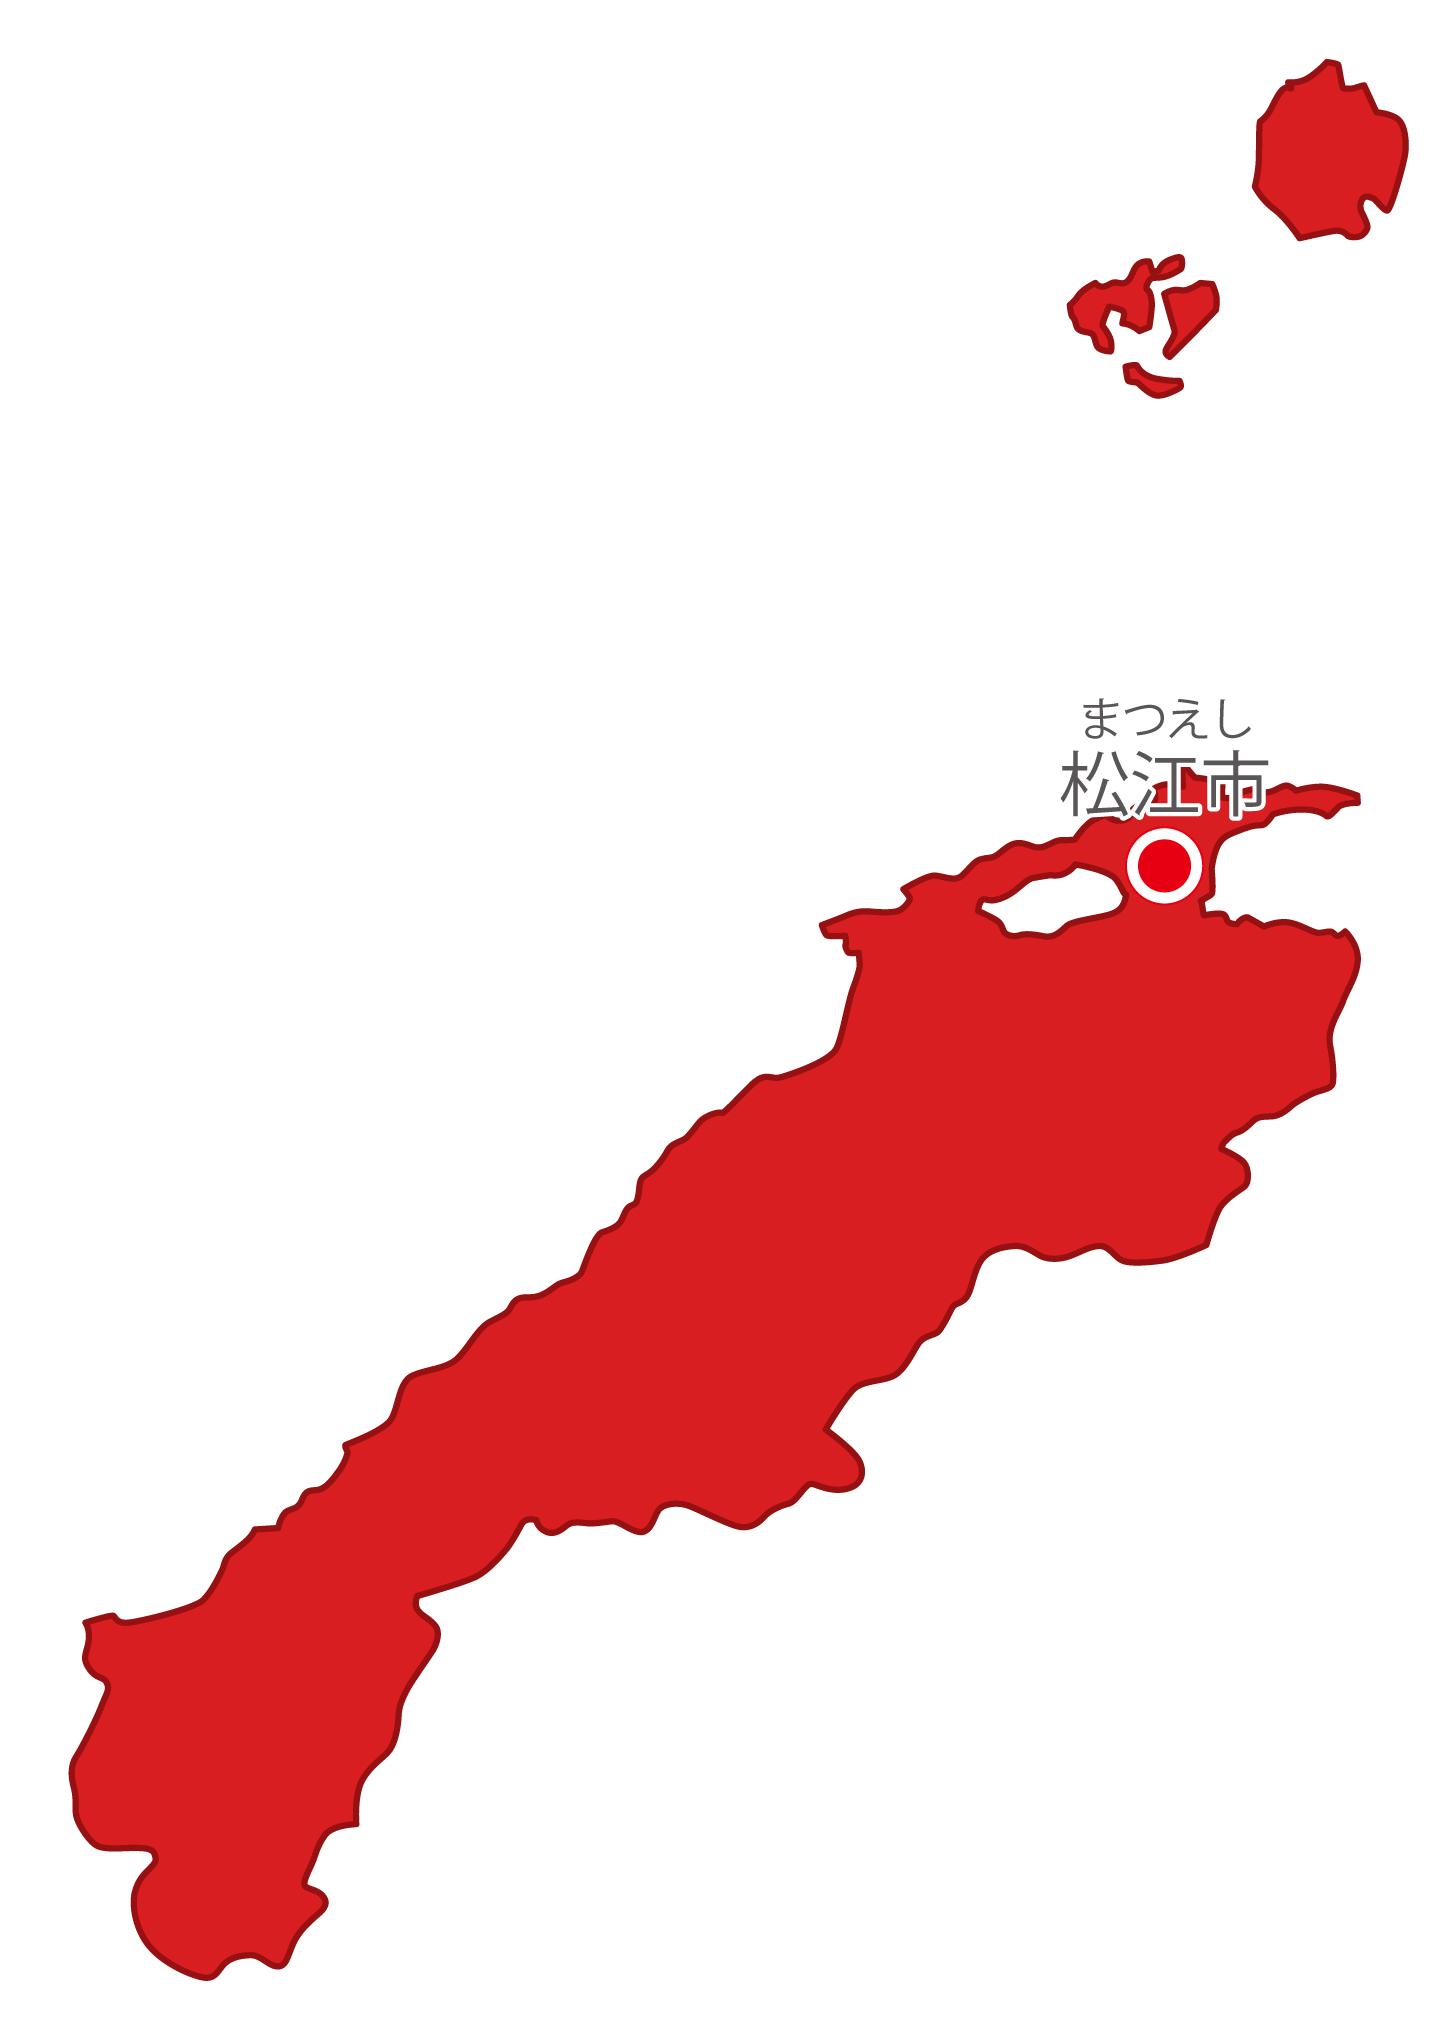 島根県無料フリーイラスト|日本語・県庁所在地あり・ルビあり(赤)